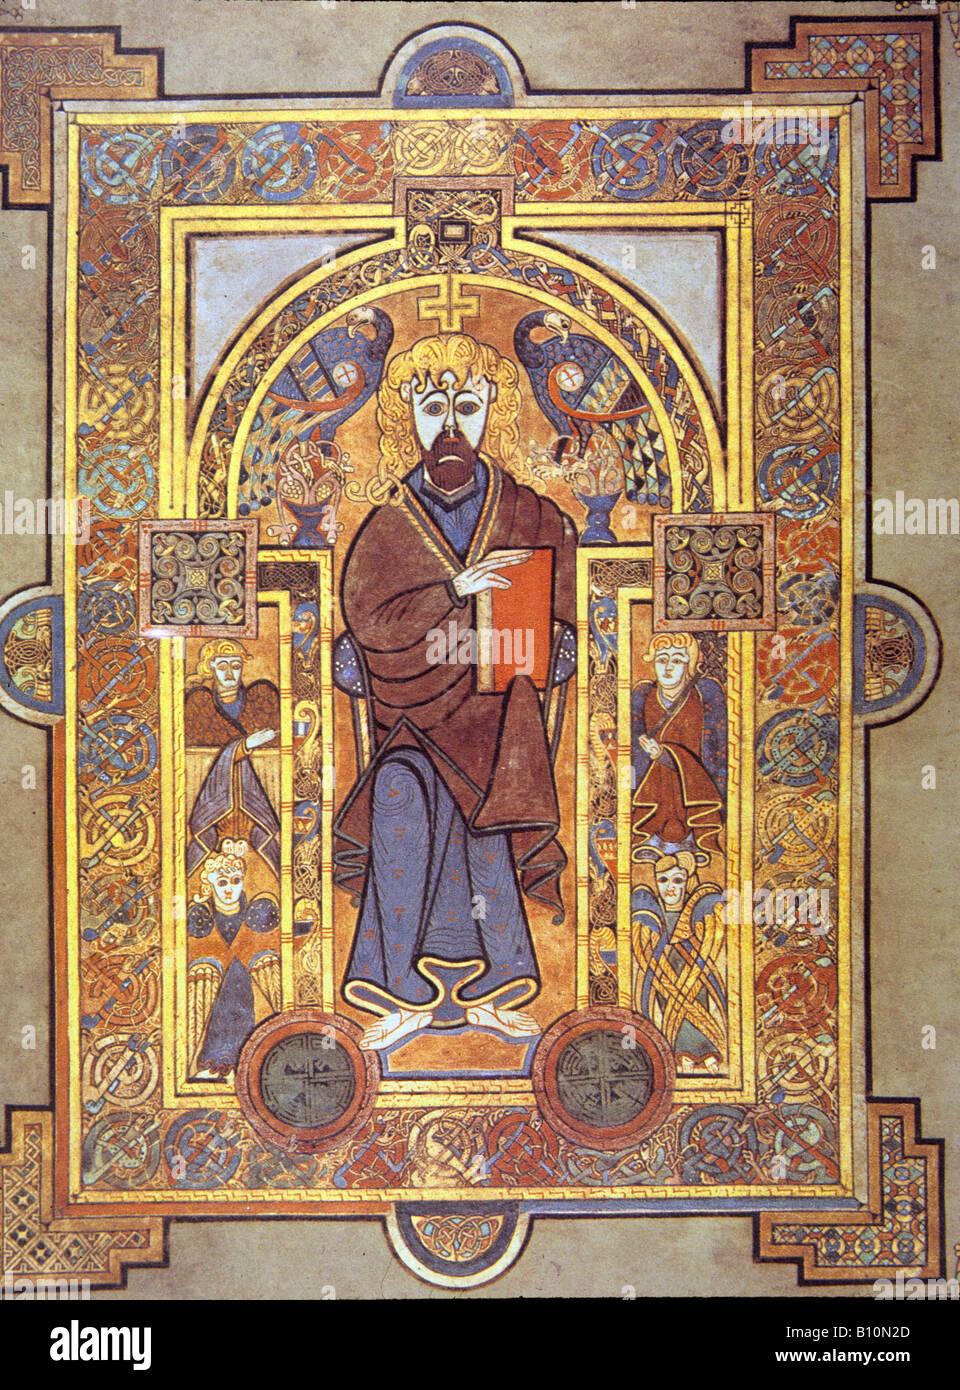 Buch von Kells 8 c Christus aus dem Matthäusevangelium Irland Stockbild